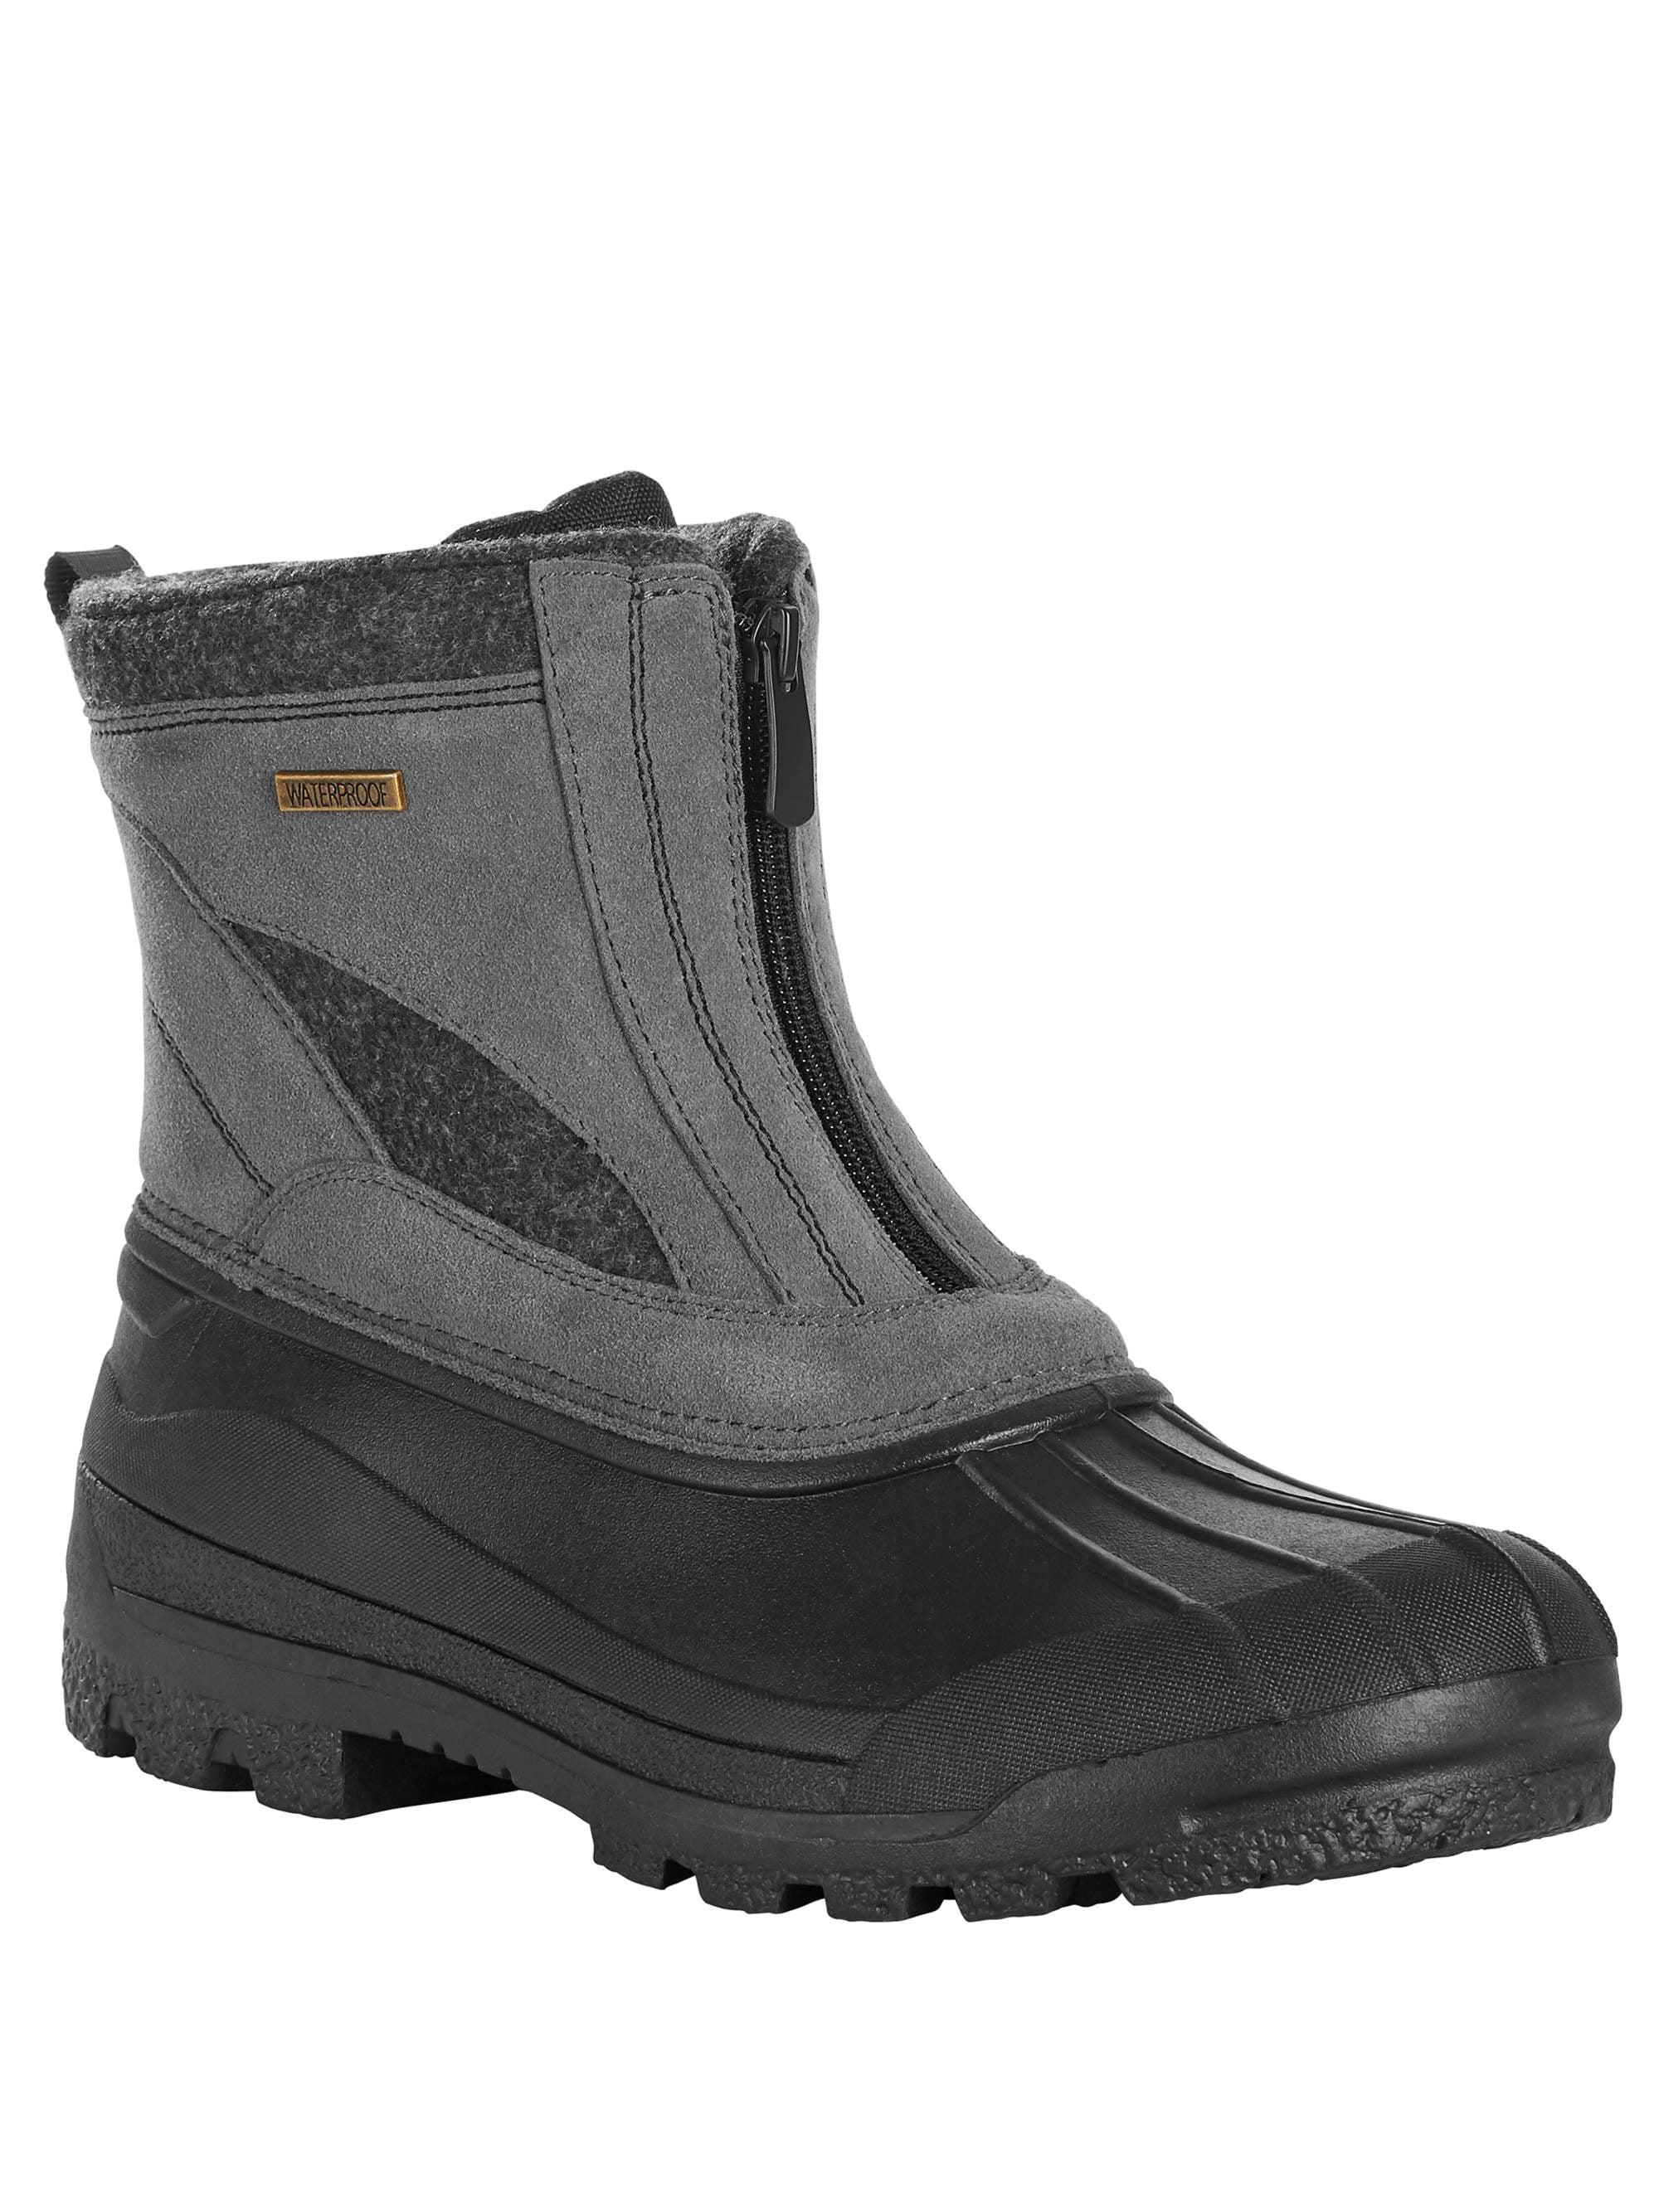 GEORGE - George Men's Insulated Waterproof Duck Boot - Walmart.com